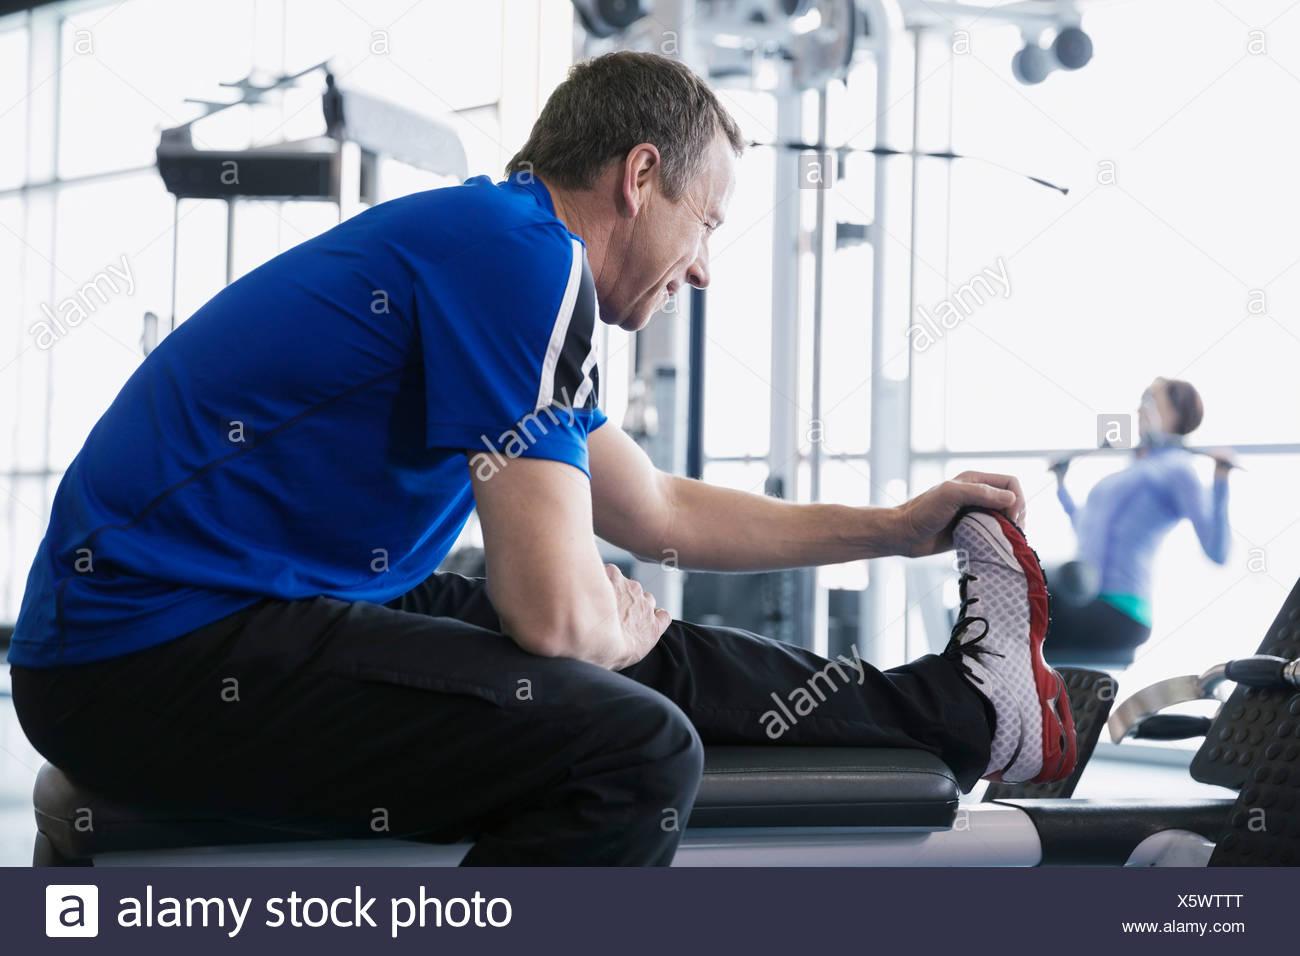 Man stretching leg at gym - Stock Image